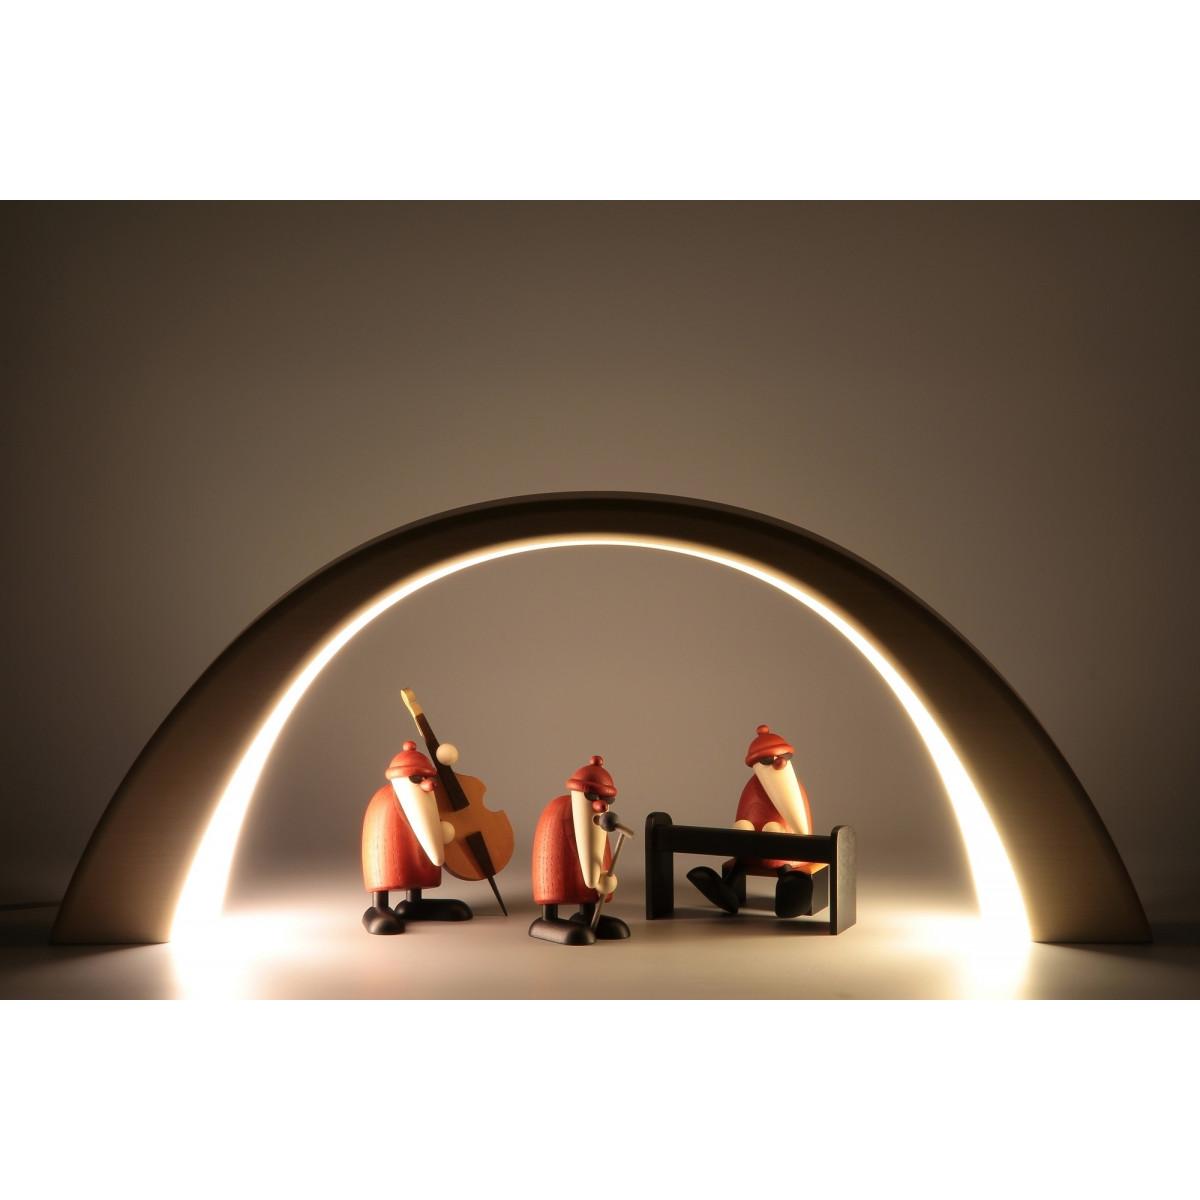 led lichterbogen schwibbogen mit innenbeleuchtung linde natur erzgebirgskunst drechsel. Black Bedroom Furniture Sets. Home Design Ideas